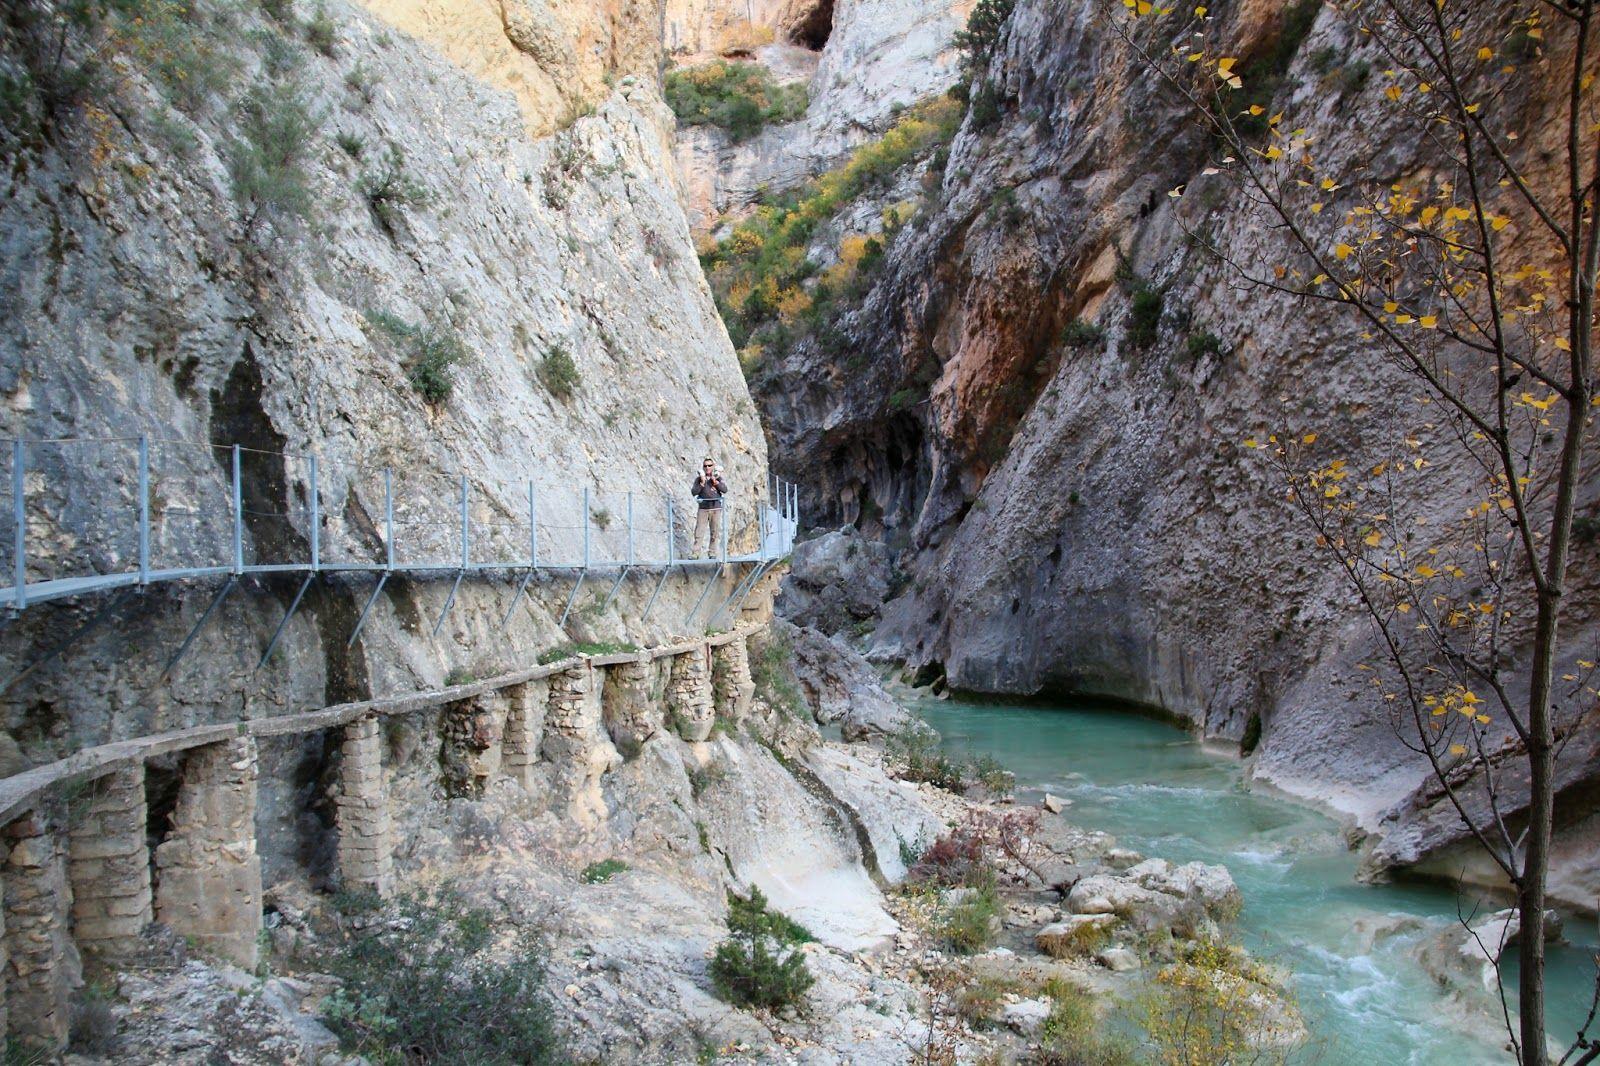 Una Escapada Por Huesca Alquezar Pasarelas Rio Vero Salto De Bierge Pozan De Vero Lugares De España Sitios Para Viajar Lugares De Vacaciones